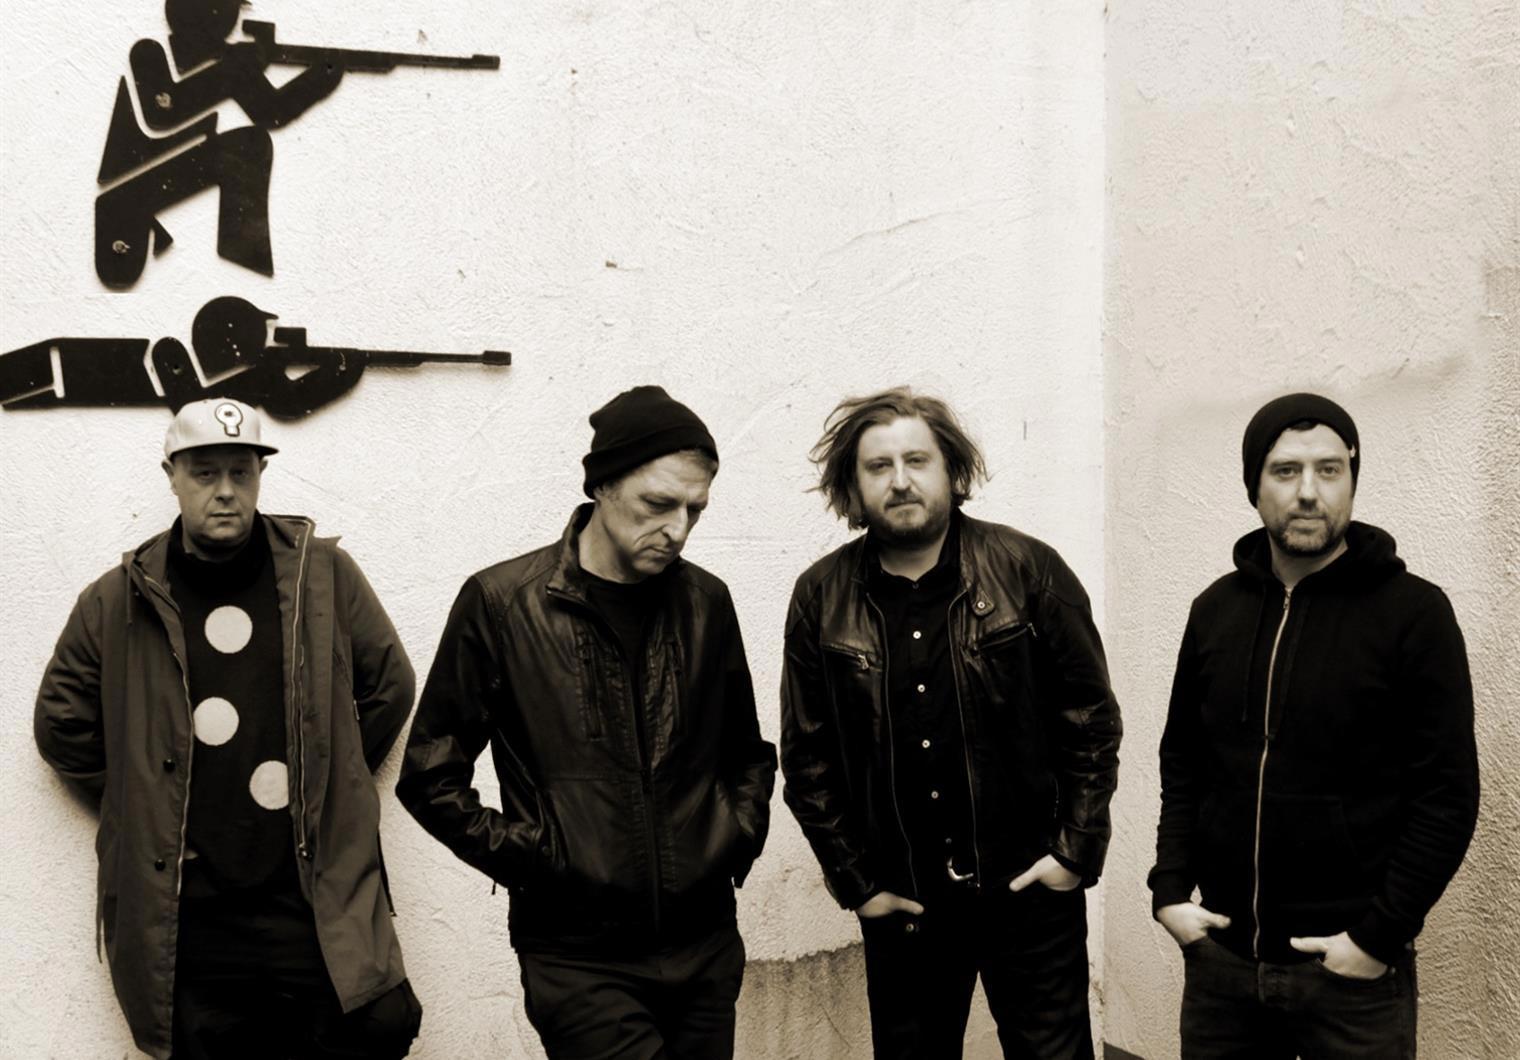 Kramsky - New Wave - Indie Rock